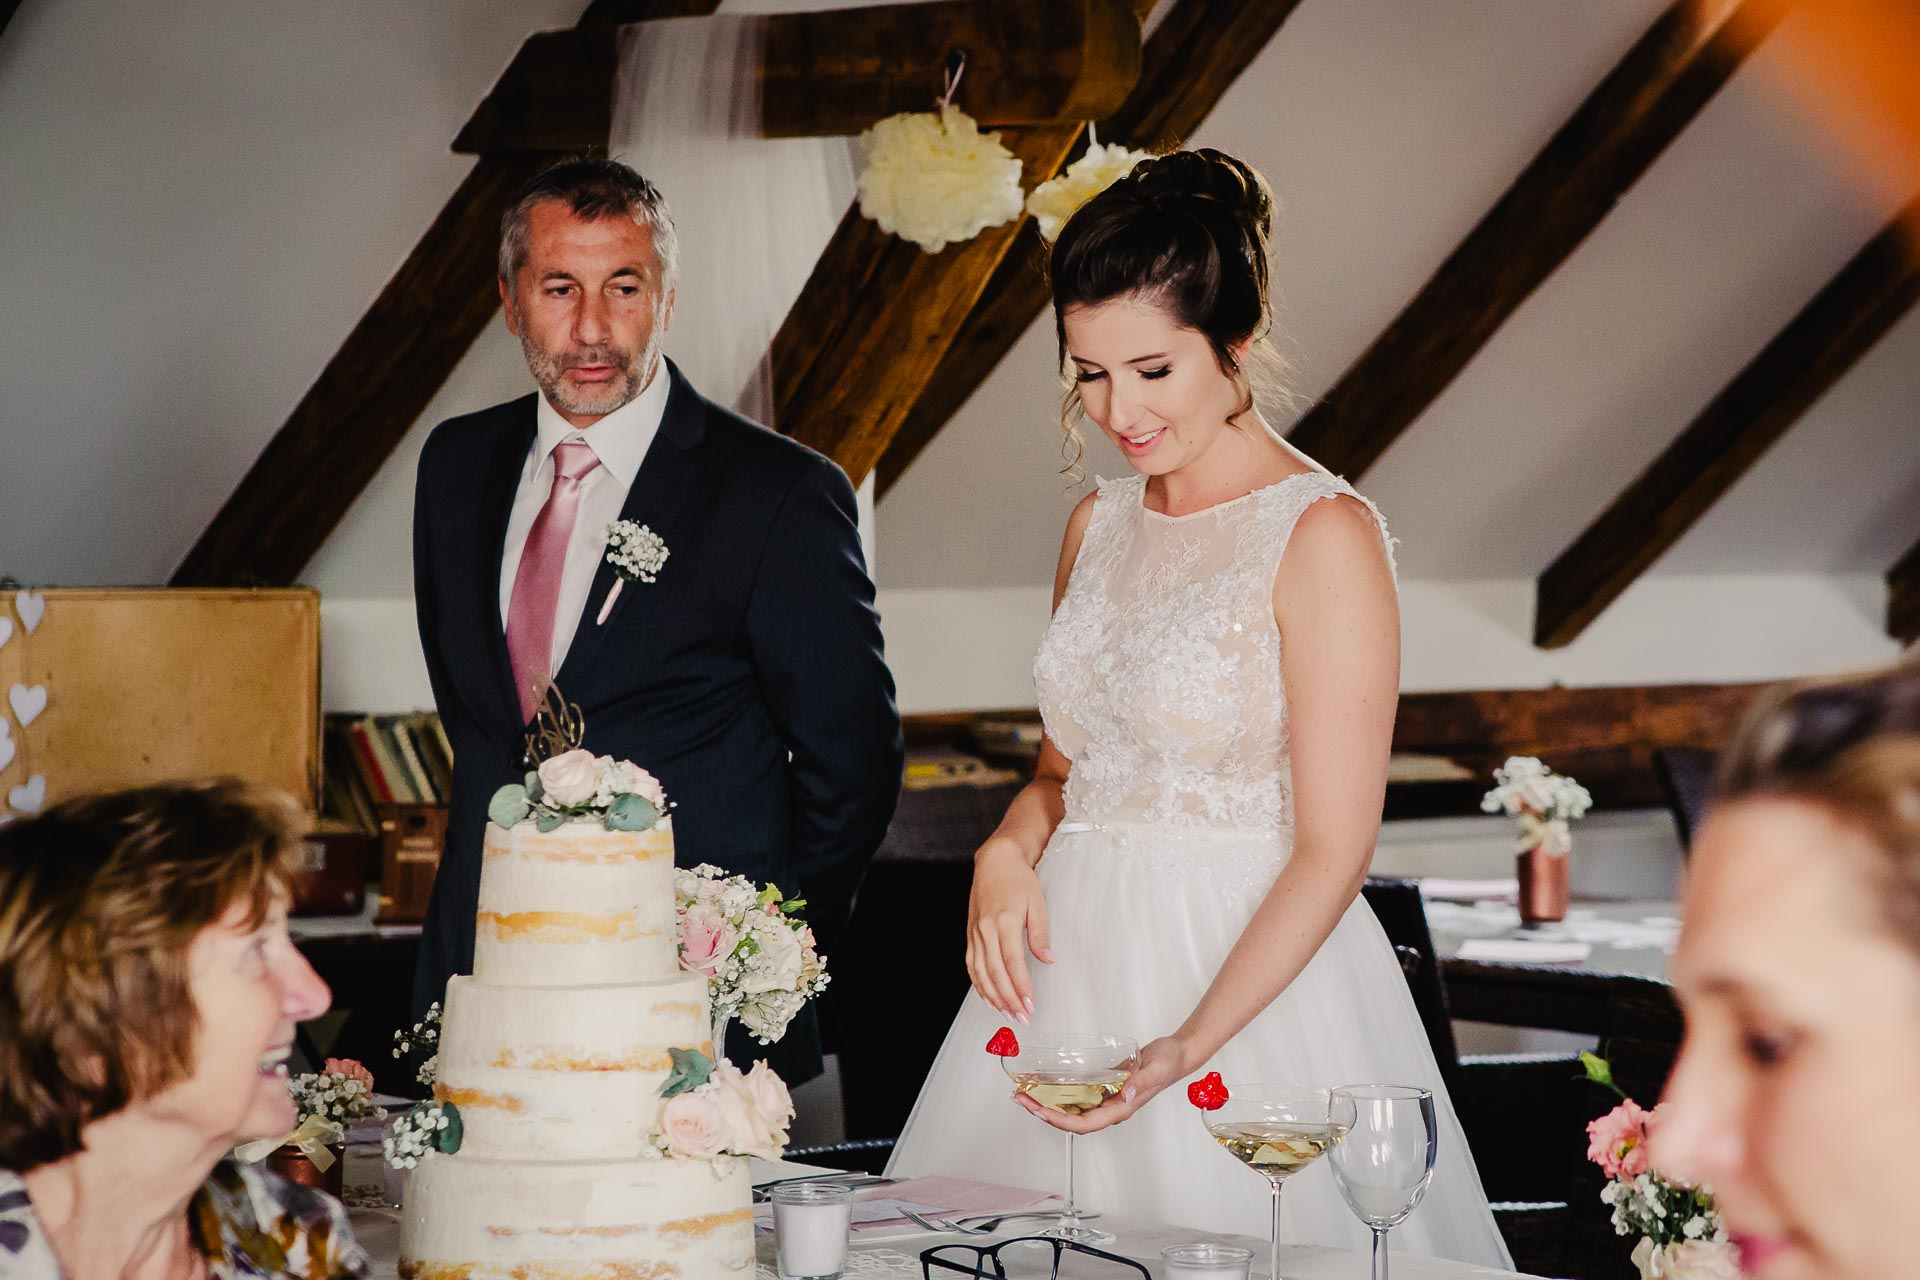 svatební fotograf Praha,svatba střední čechy, církevní obřad, svatba v kostele, nejhezčí svatební fotografie-3026